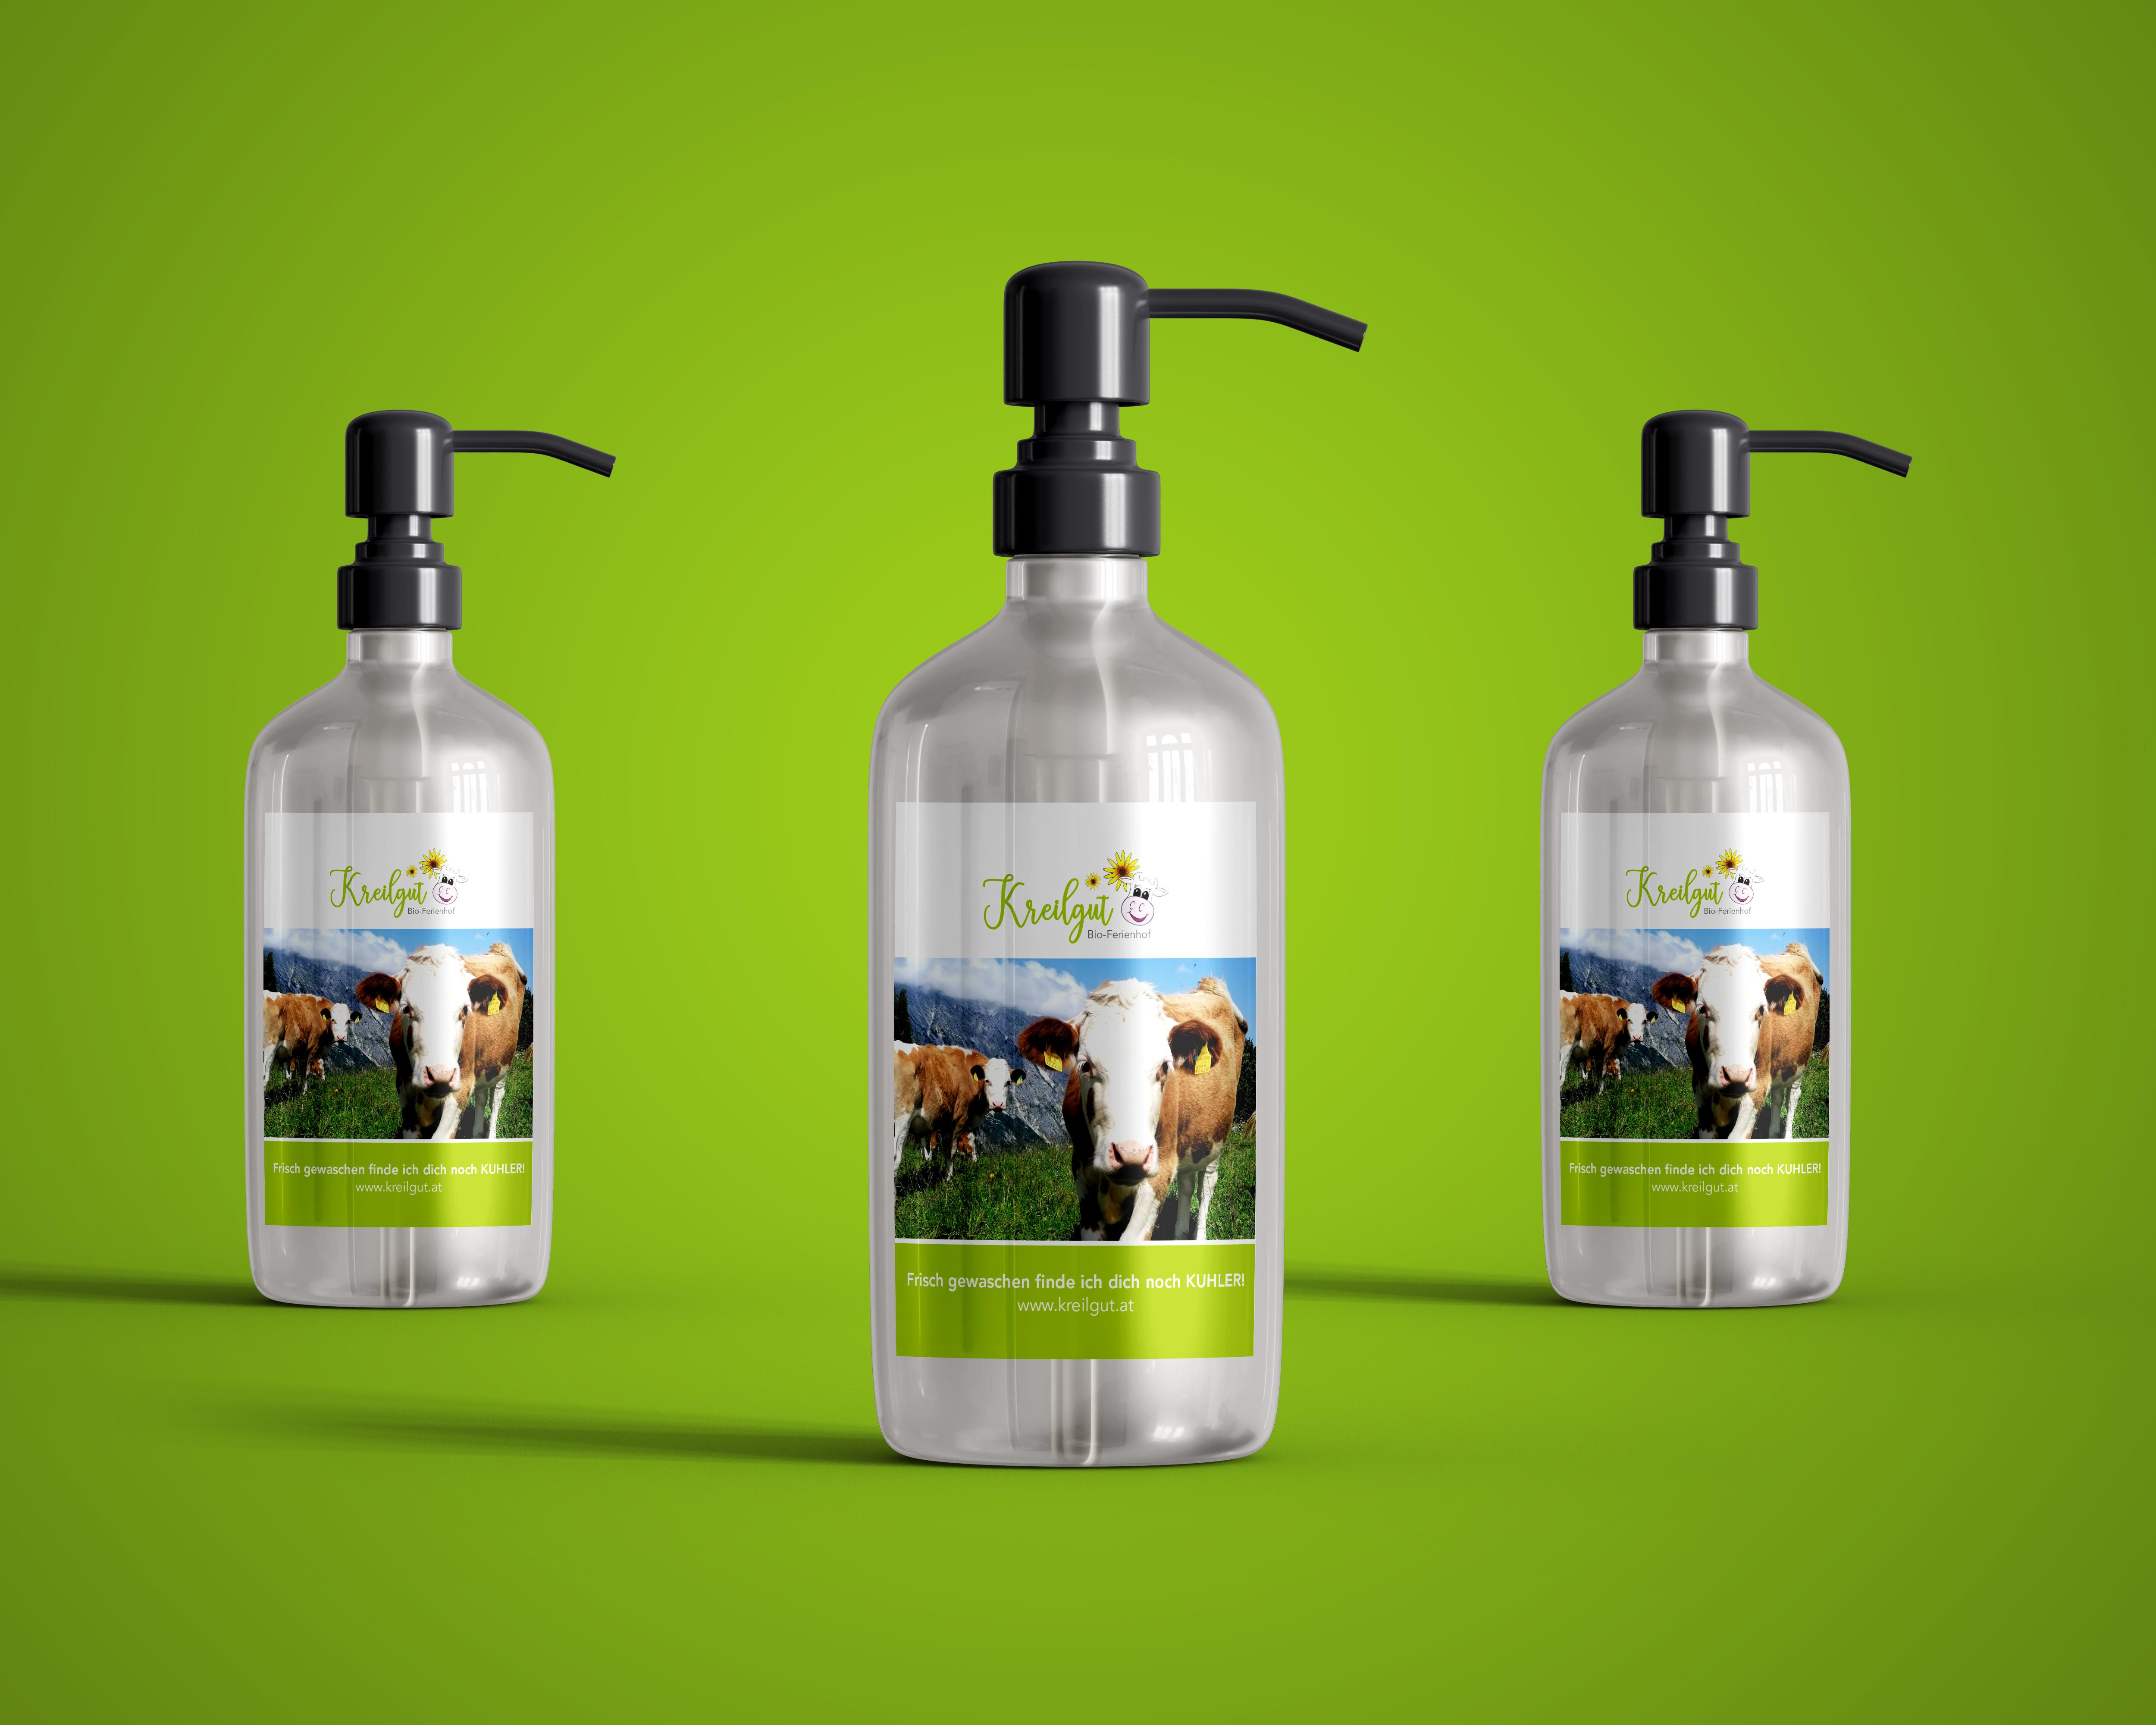 Etikettendesign für Flüssigseifen